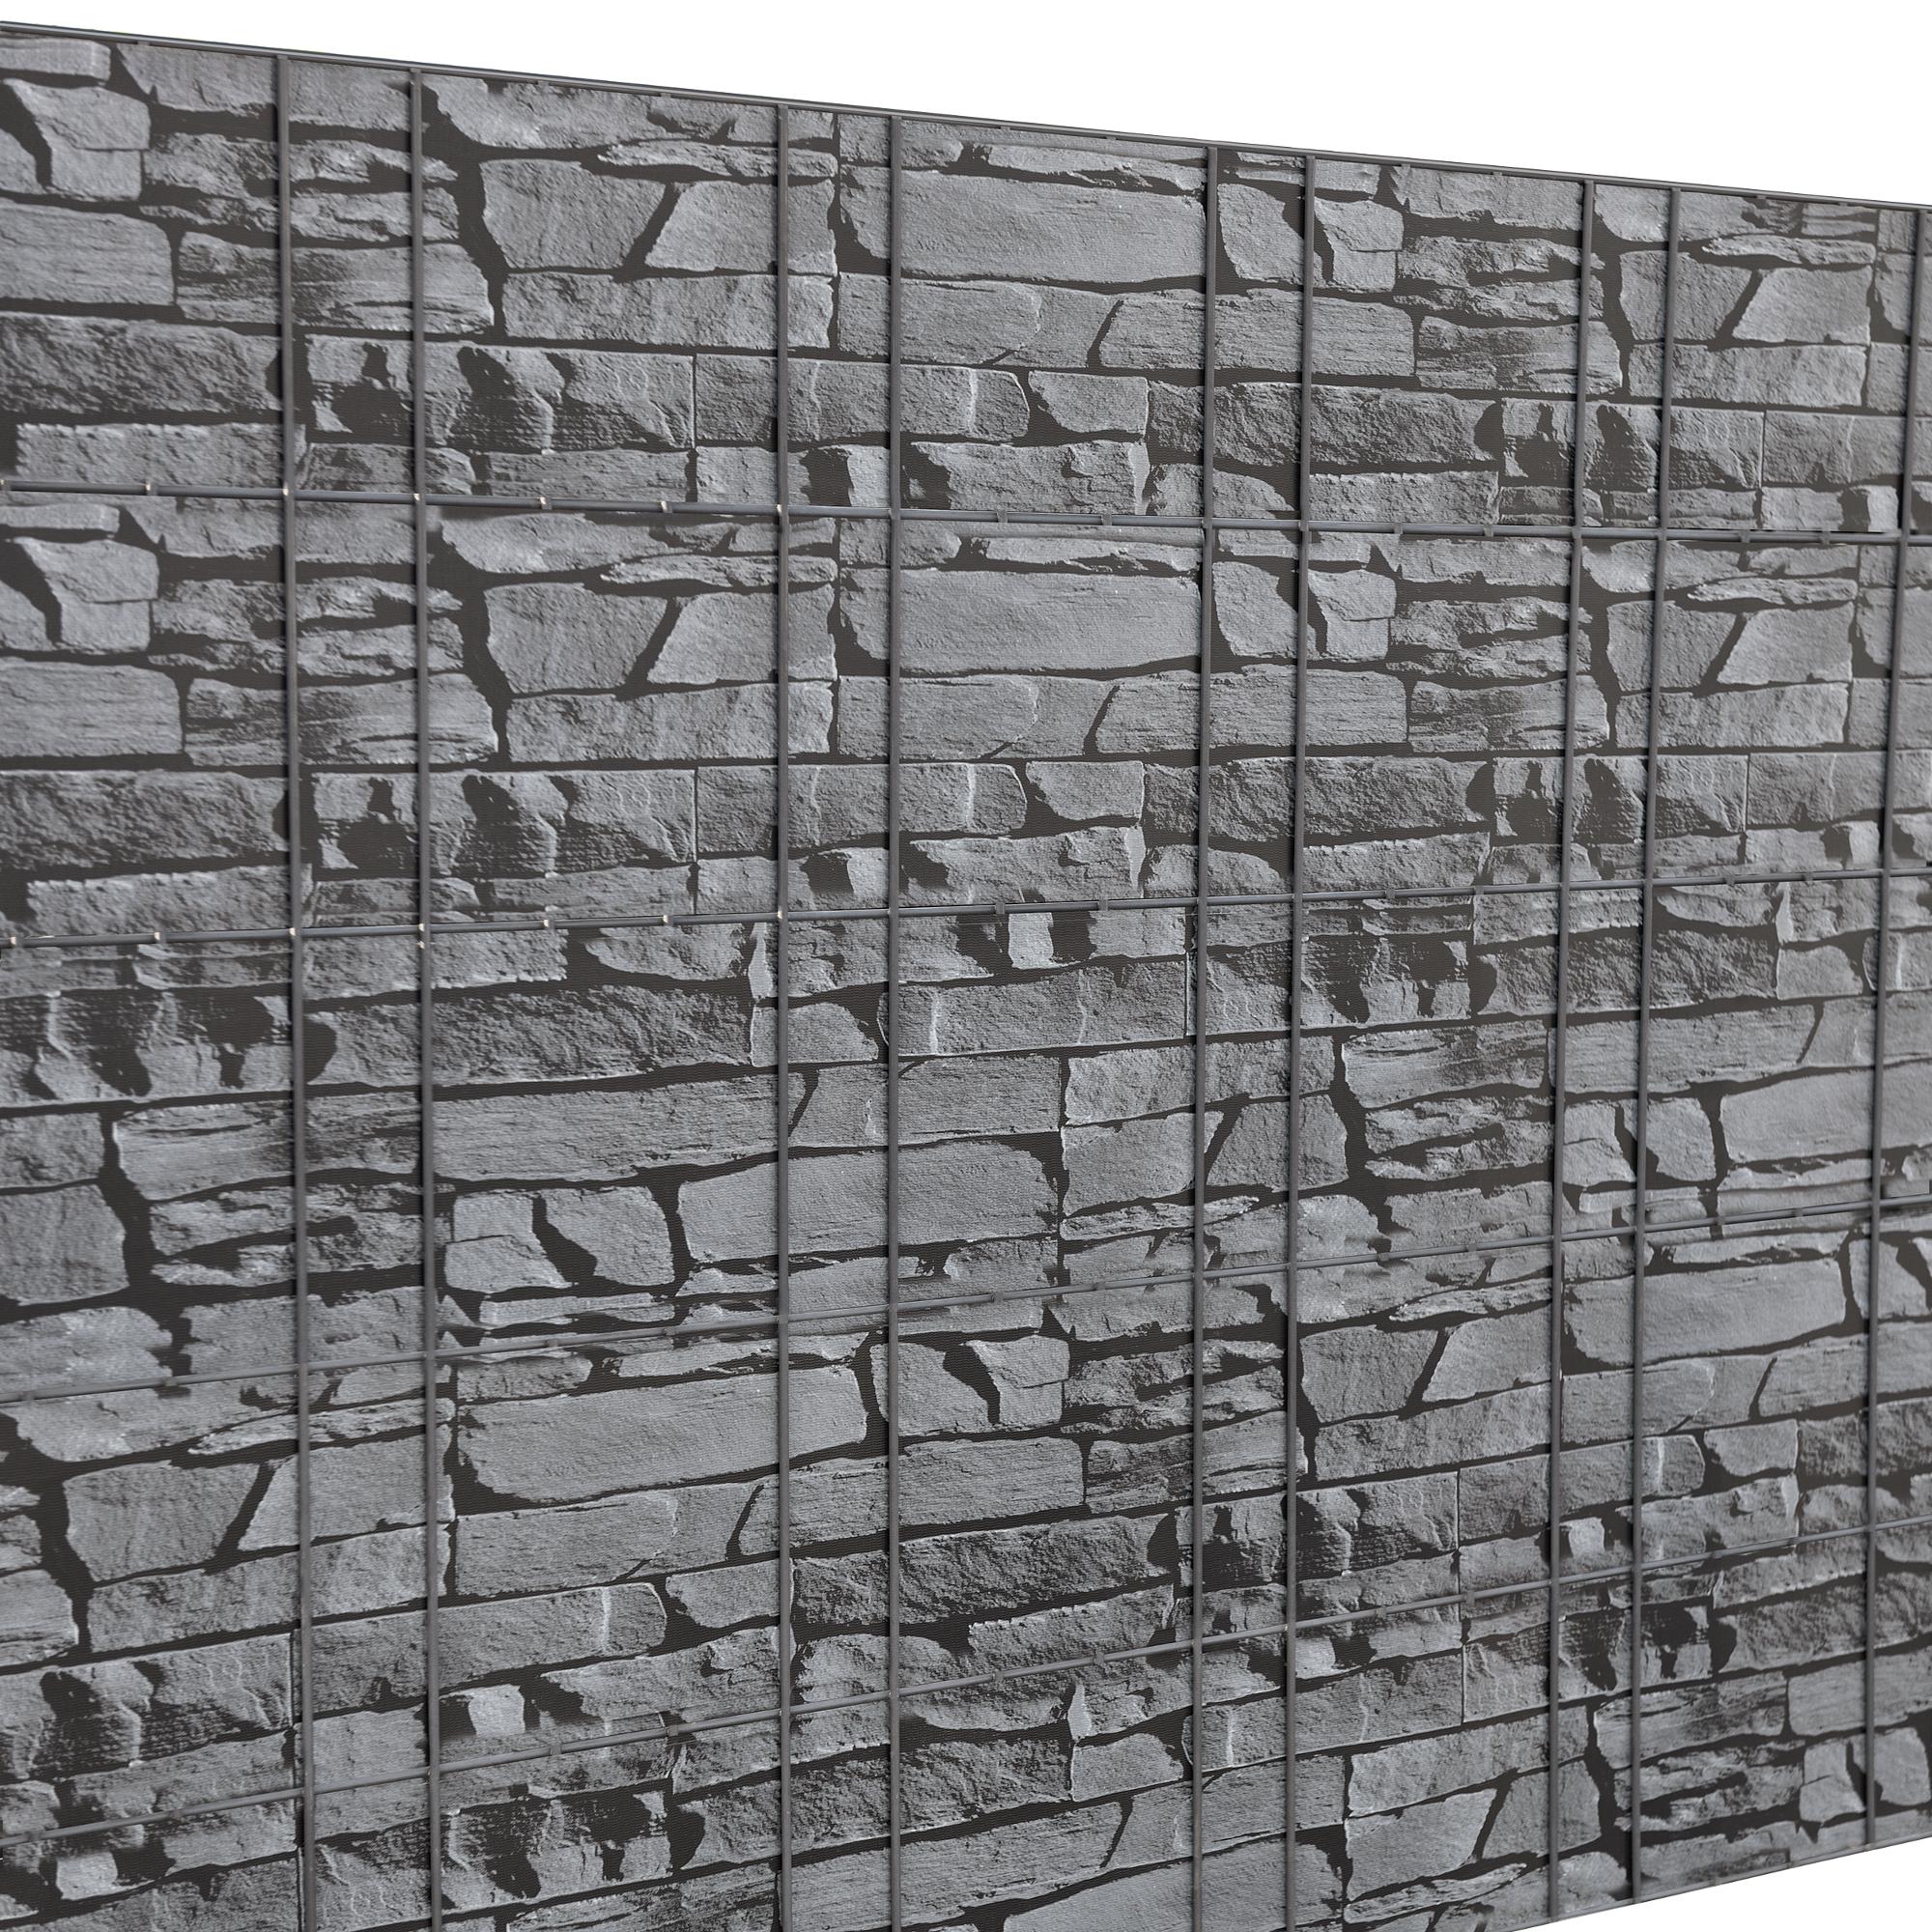 35m sichtschutz zaunfolie pvc windschutz doppelstabmatten zaun ebay. Black Bedroom Furniture Sets. Home Design Ideas